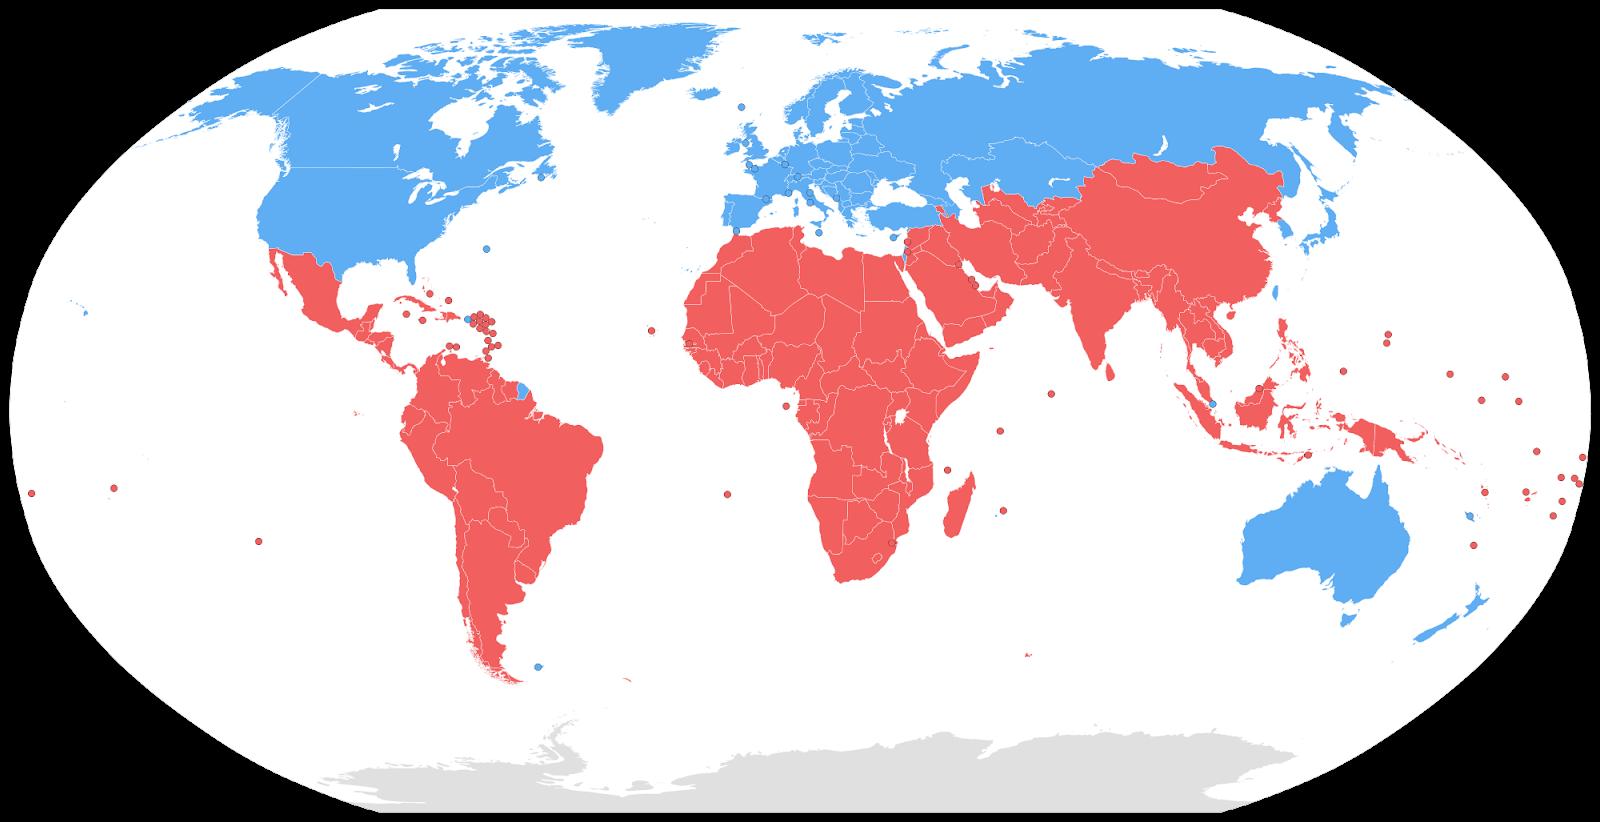 Gambar Negara Maju Di Benua Amerika 196 Negara Maju Dan Negara Berkembang Menurut Imf Resmi